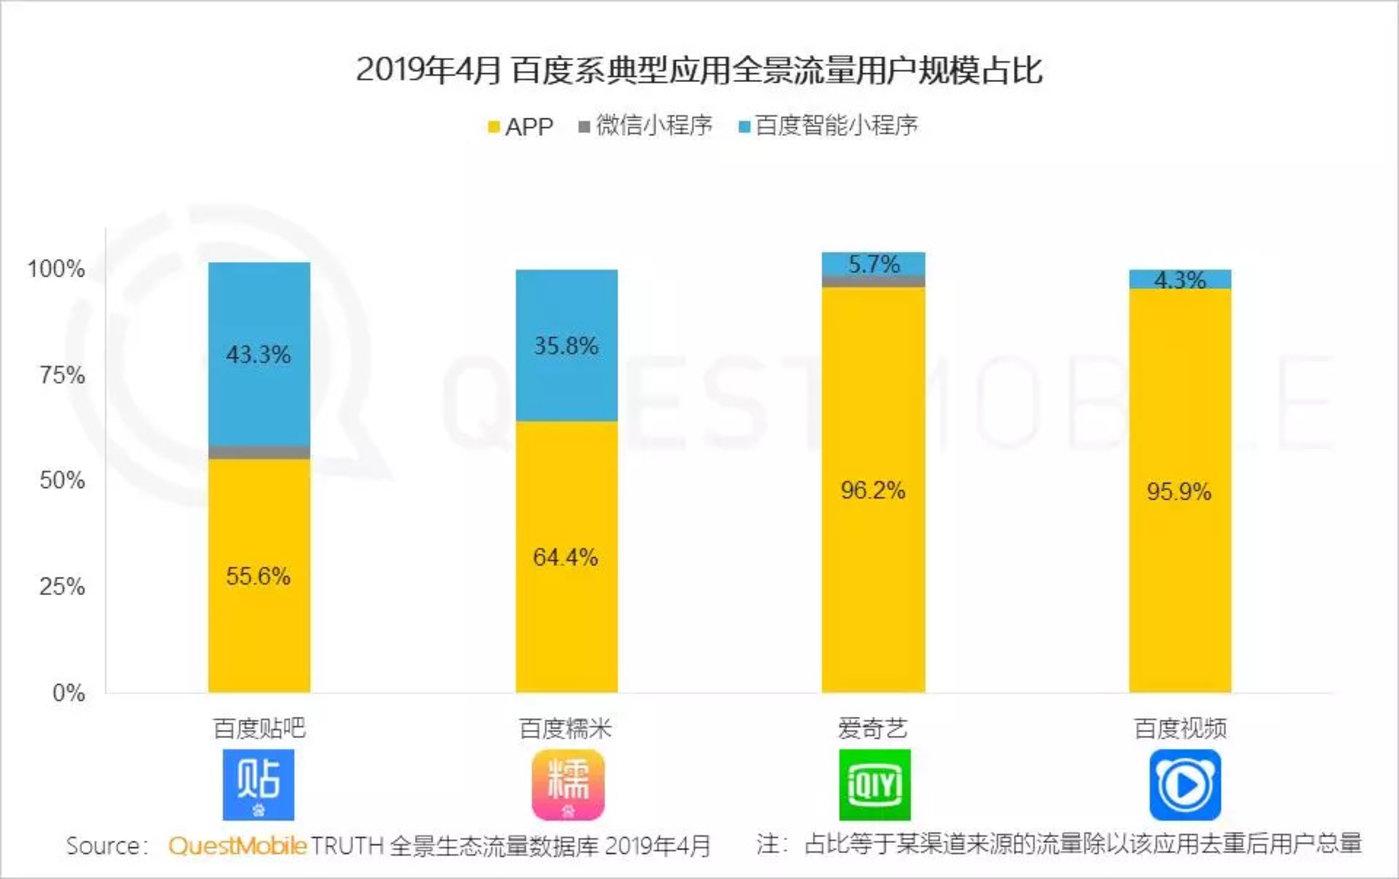 红利枯竭挖掘增长三大流派正式形成,你看好哪个?-CNMOAD 中文移动营销资讯 16